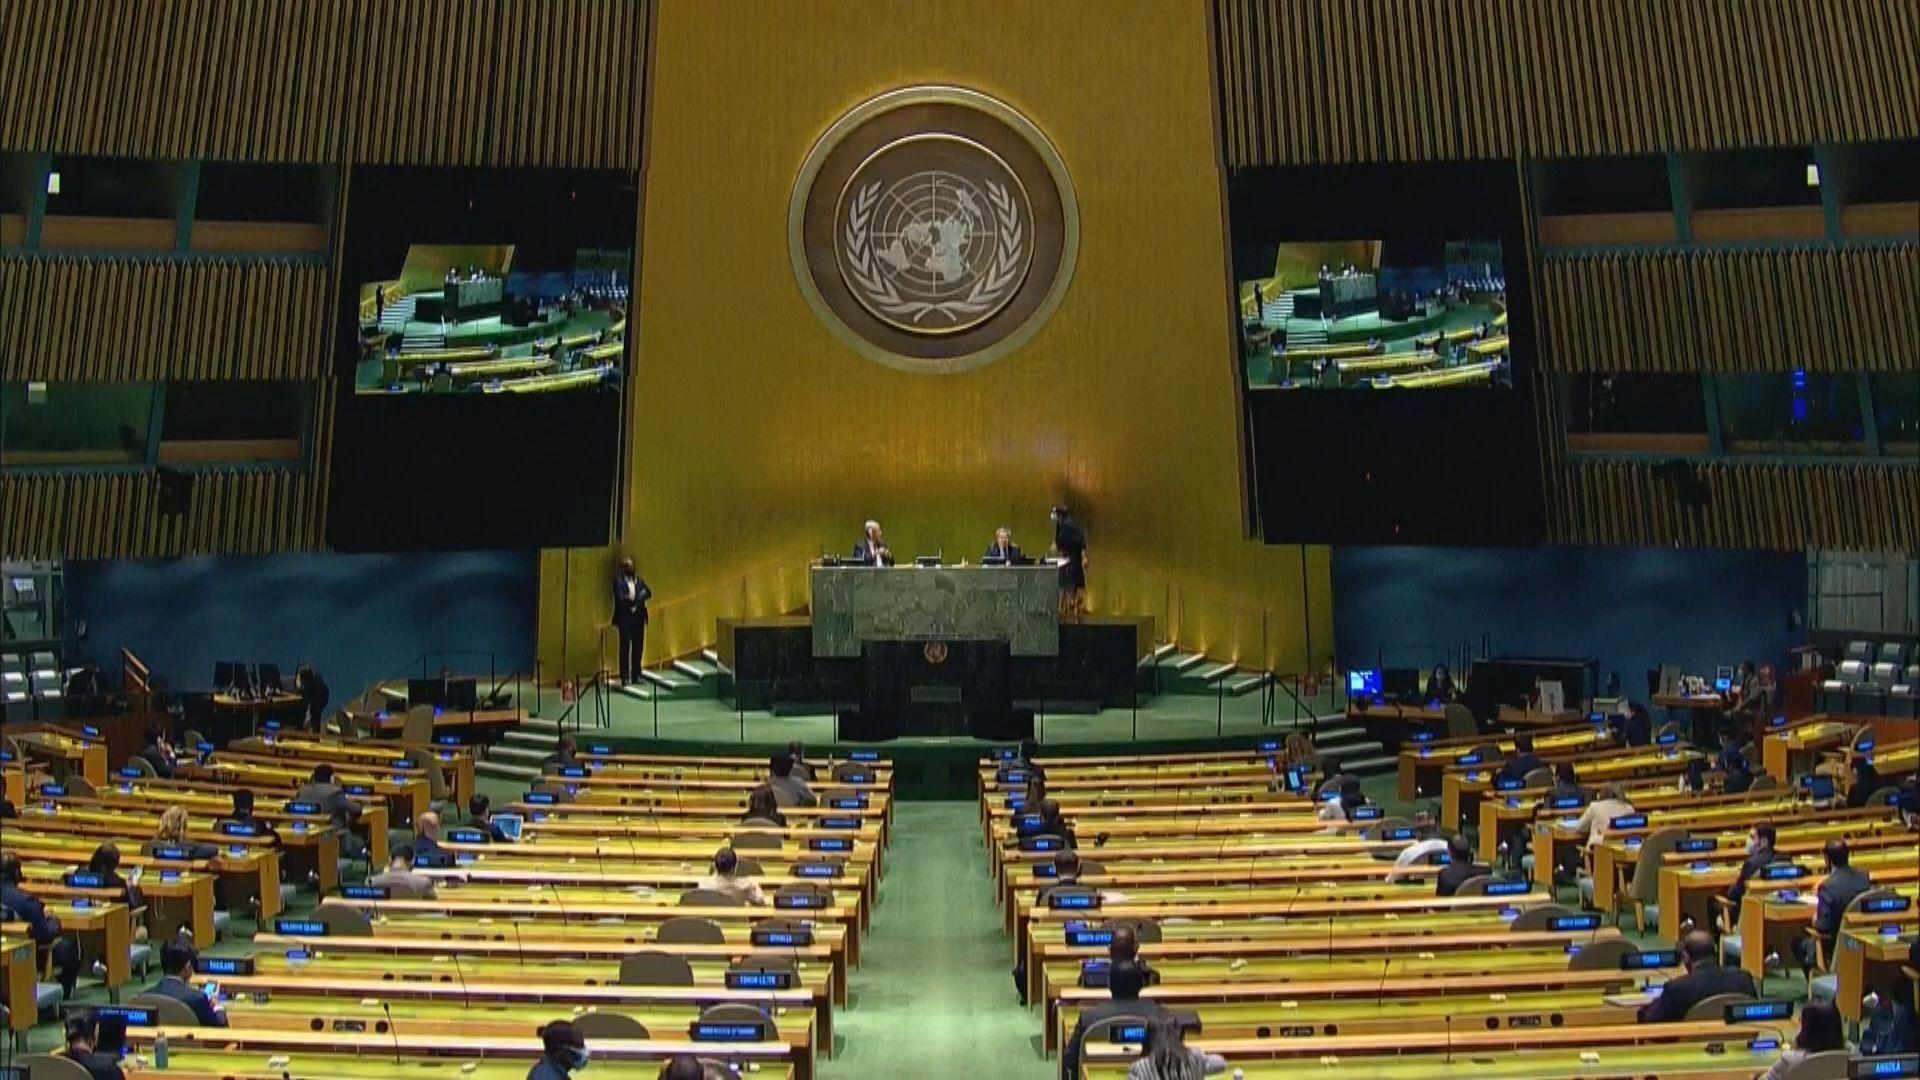 俄羅斯、聯合國安理會促亞美尼亞與阿塞拜疆停火